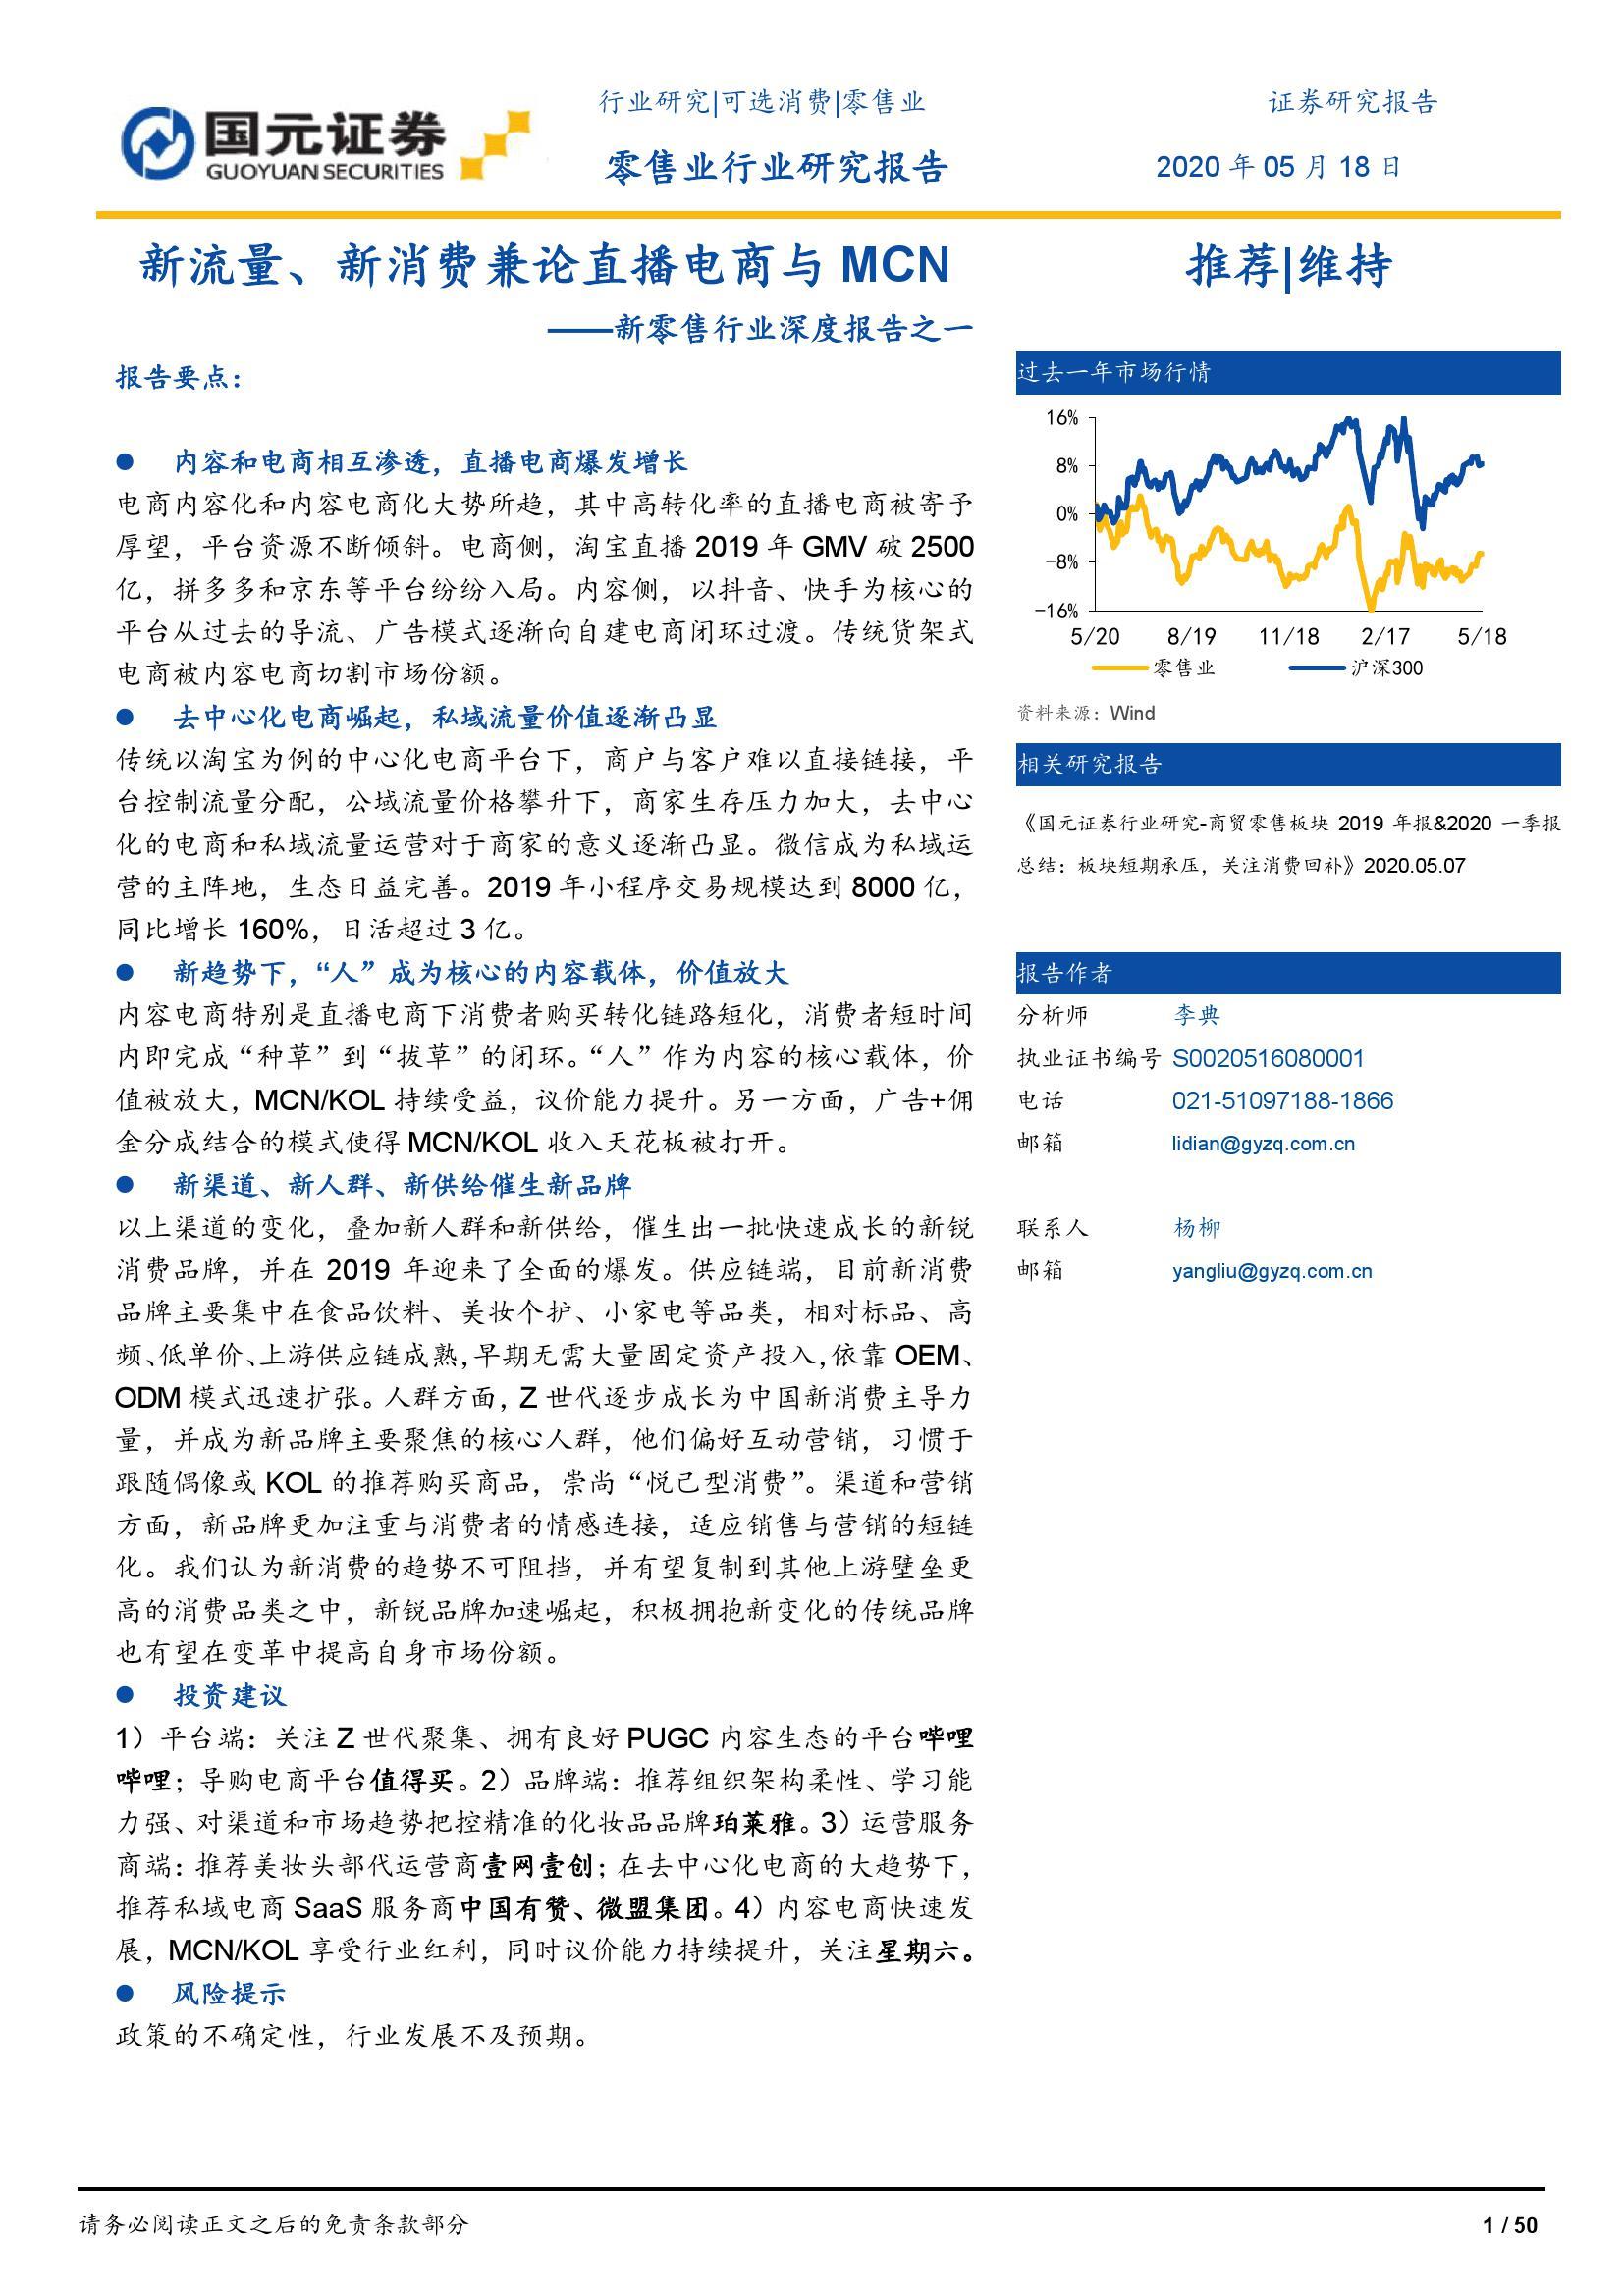 国元证券:新流量、新消费兼论直播电商与MCN(附下载)